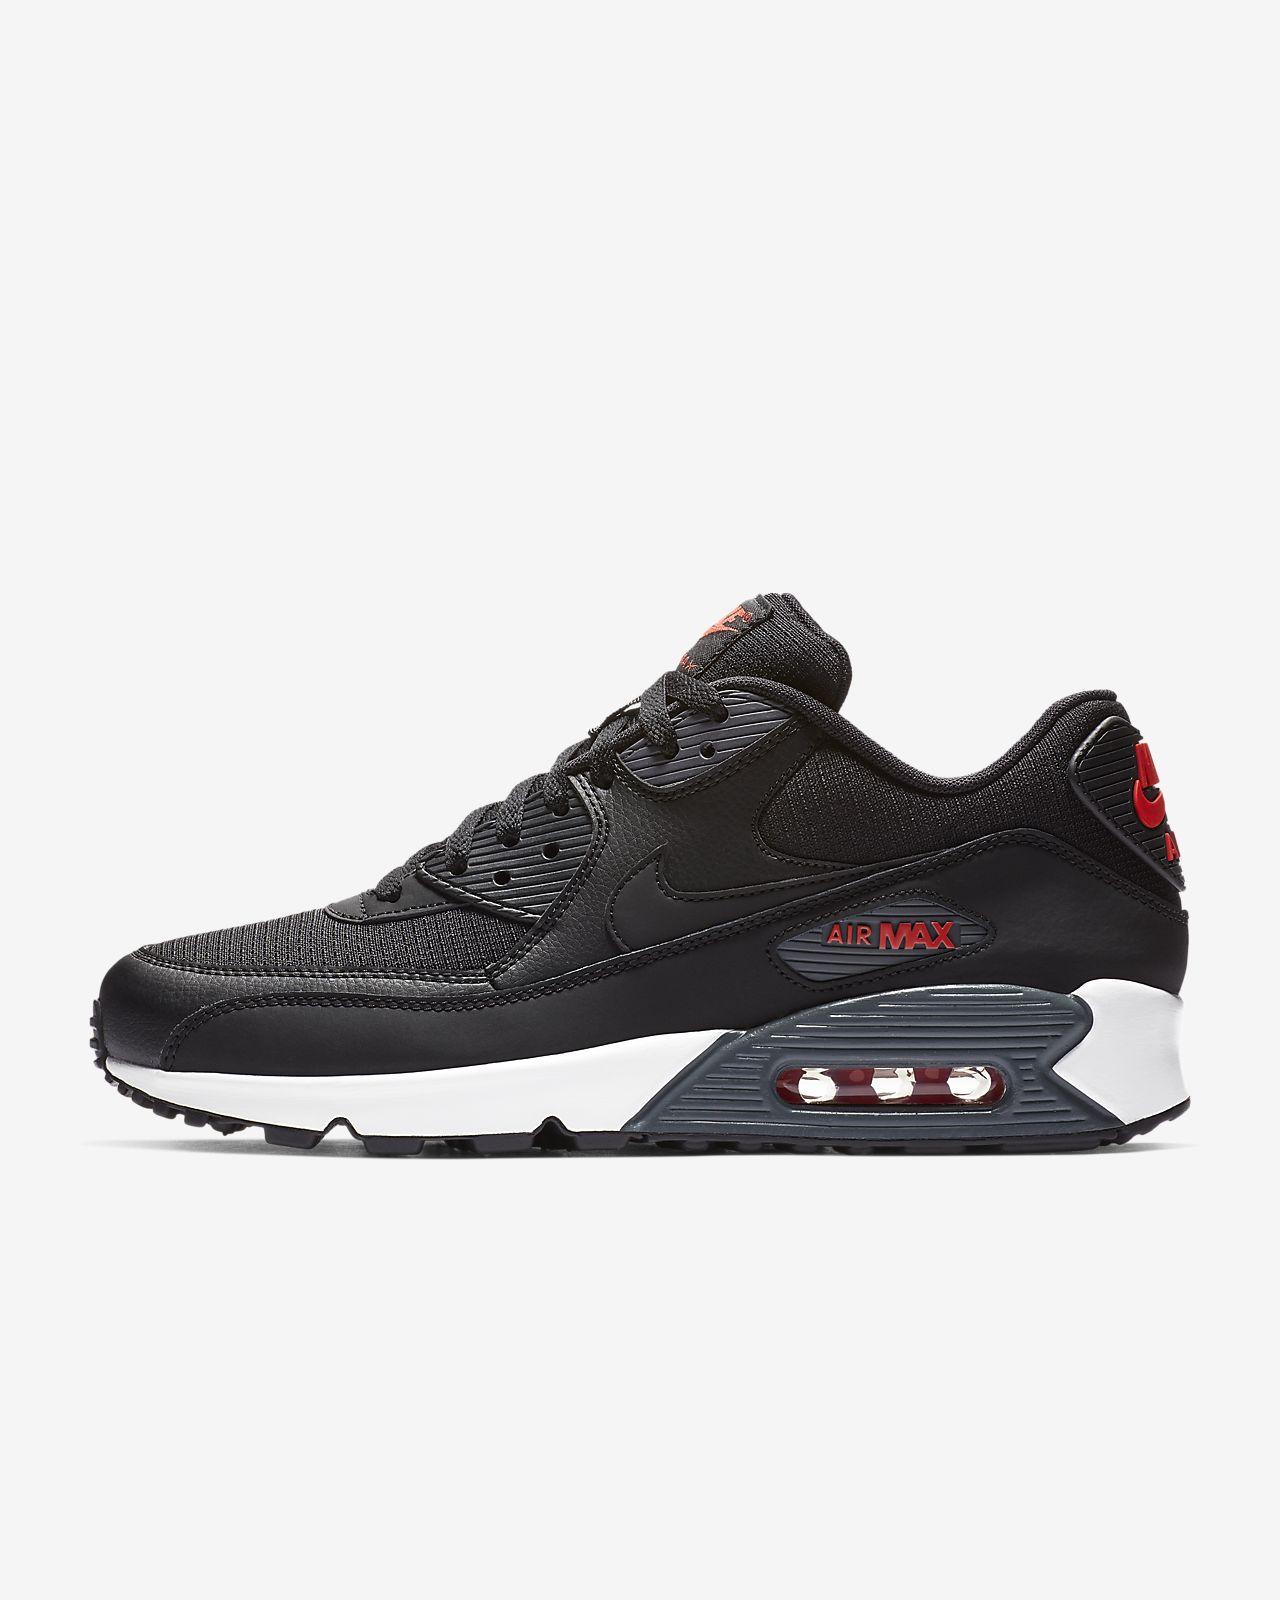 timeless design 10c11 790fc ... Sko Nike Air Max 90 SE för män